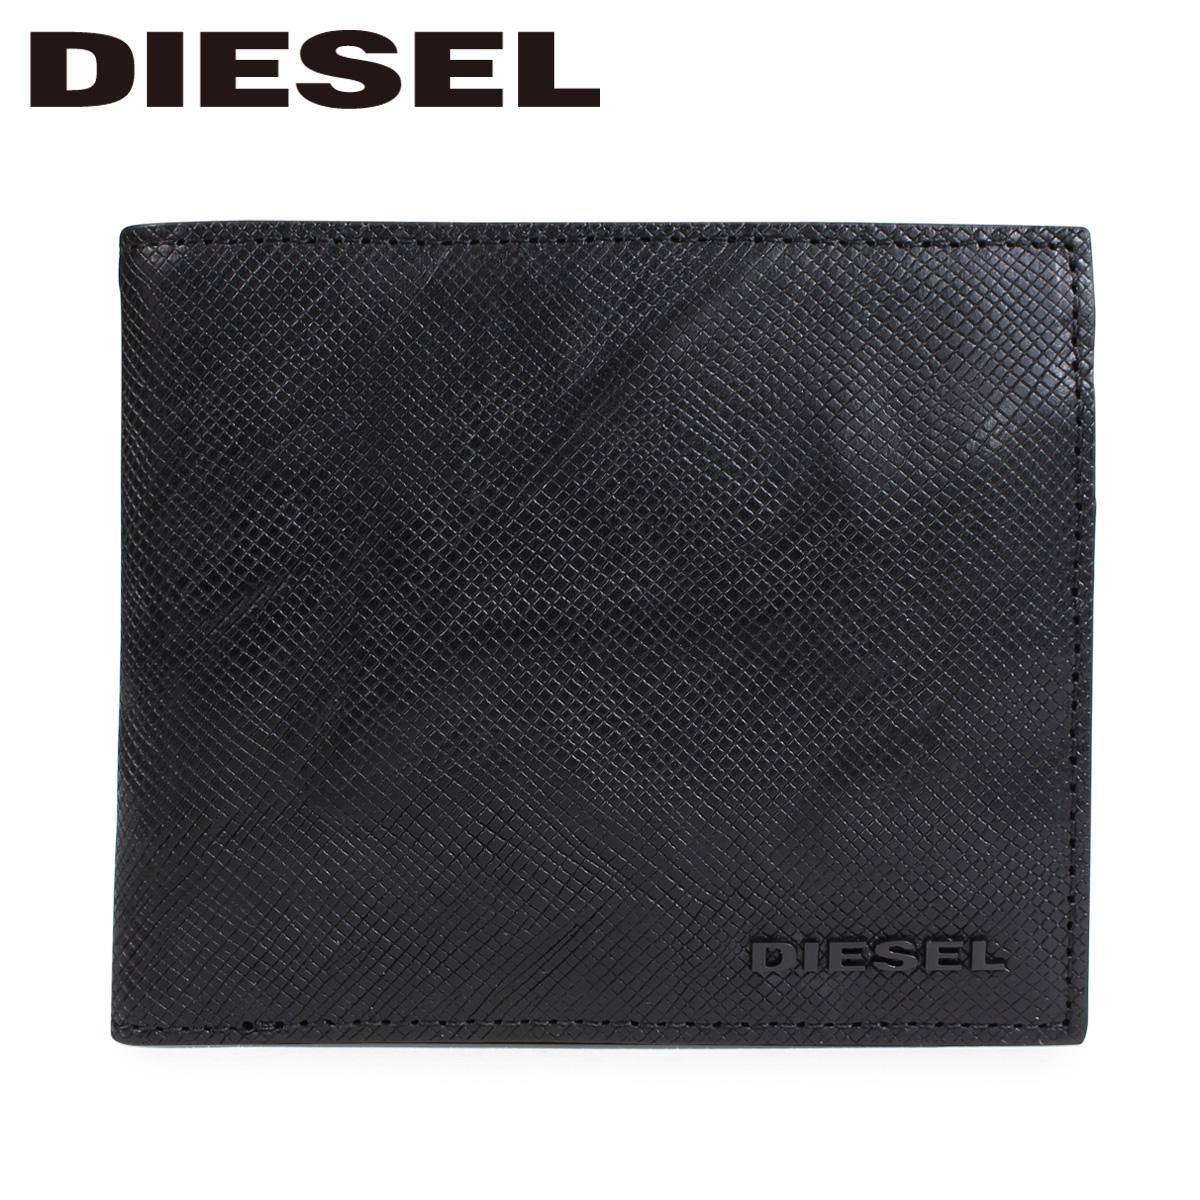 DIESEL SUNBURST HIRESH S ディーゼル 財布 二つ折り メンズ ブラック X05373 P0517